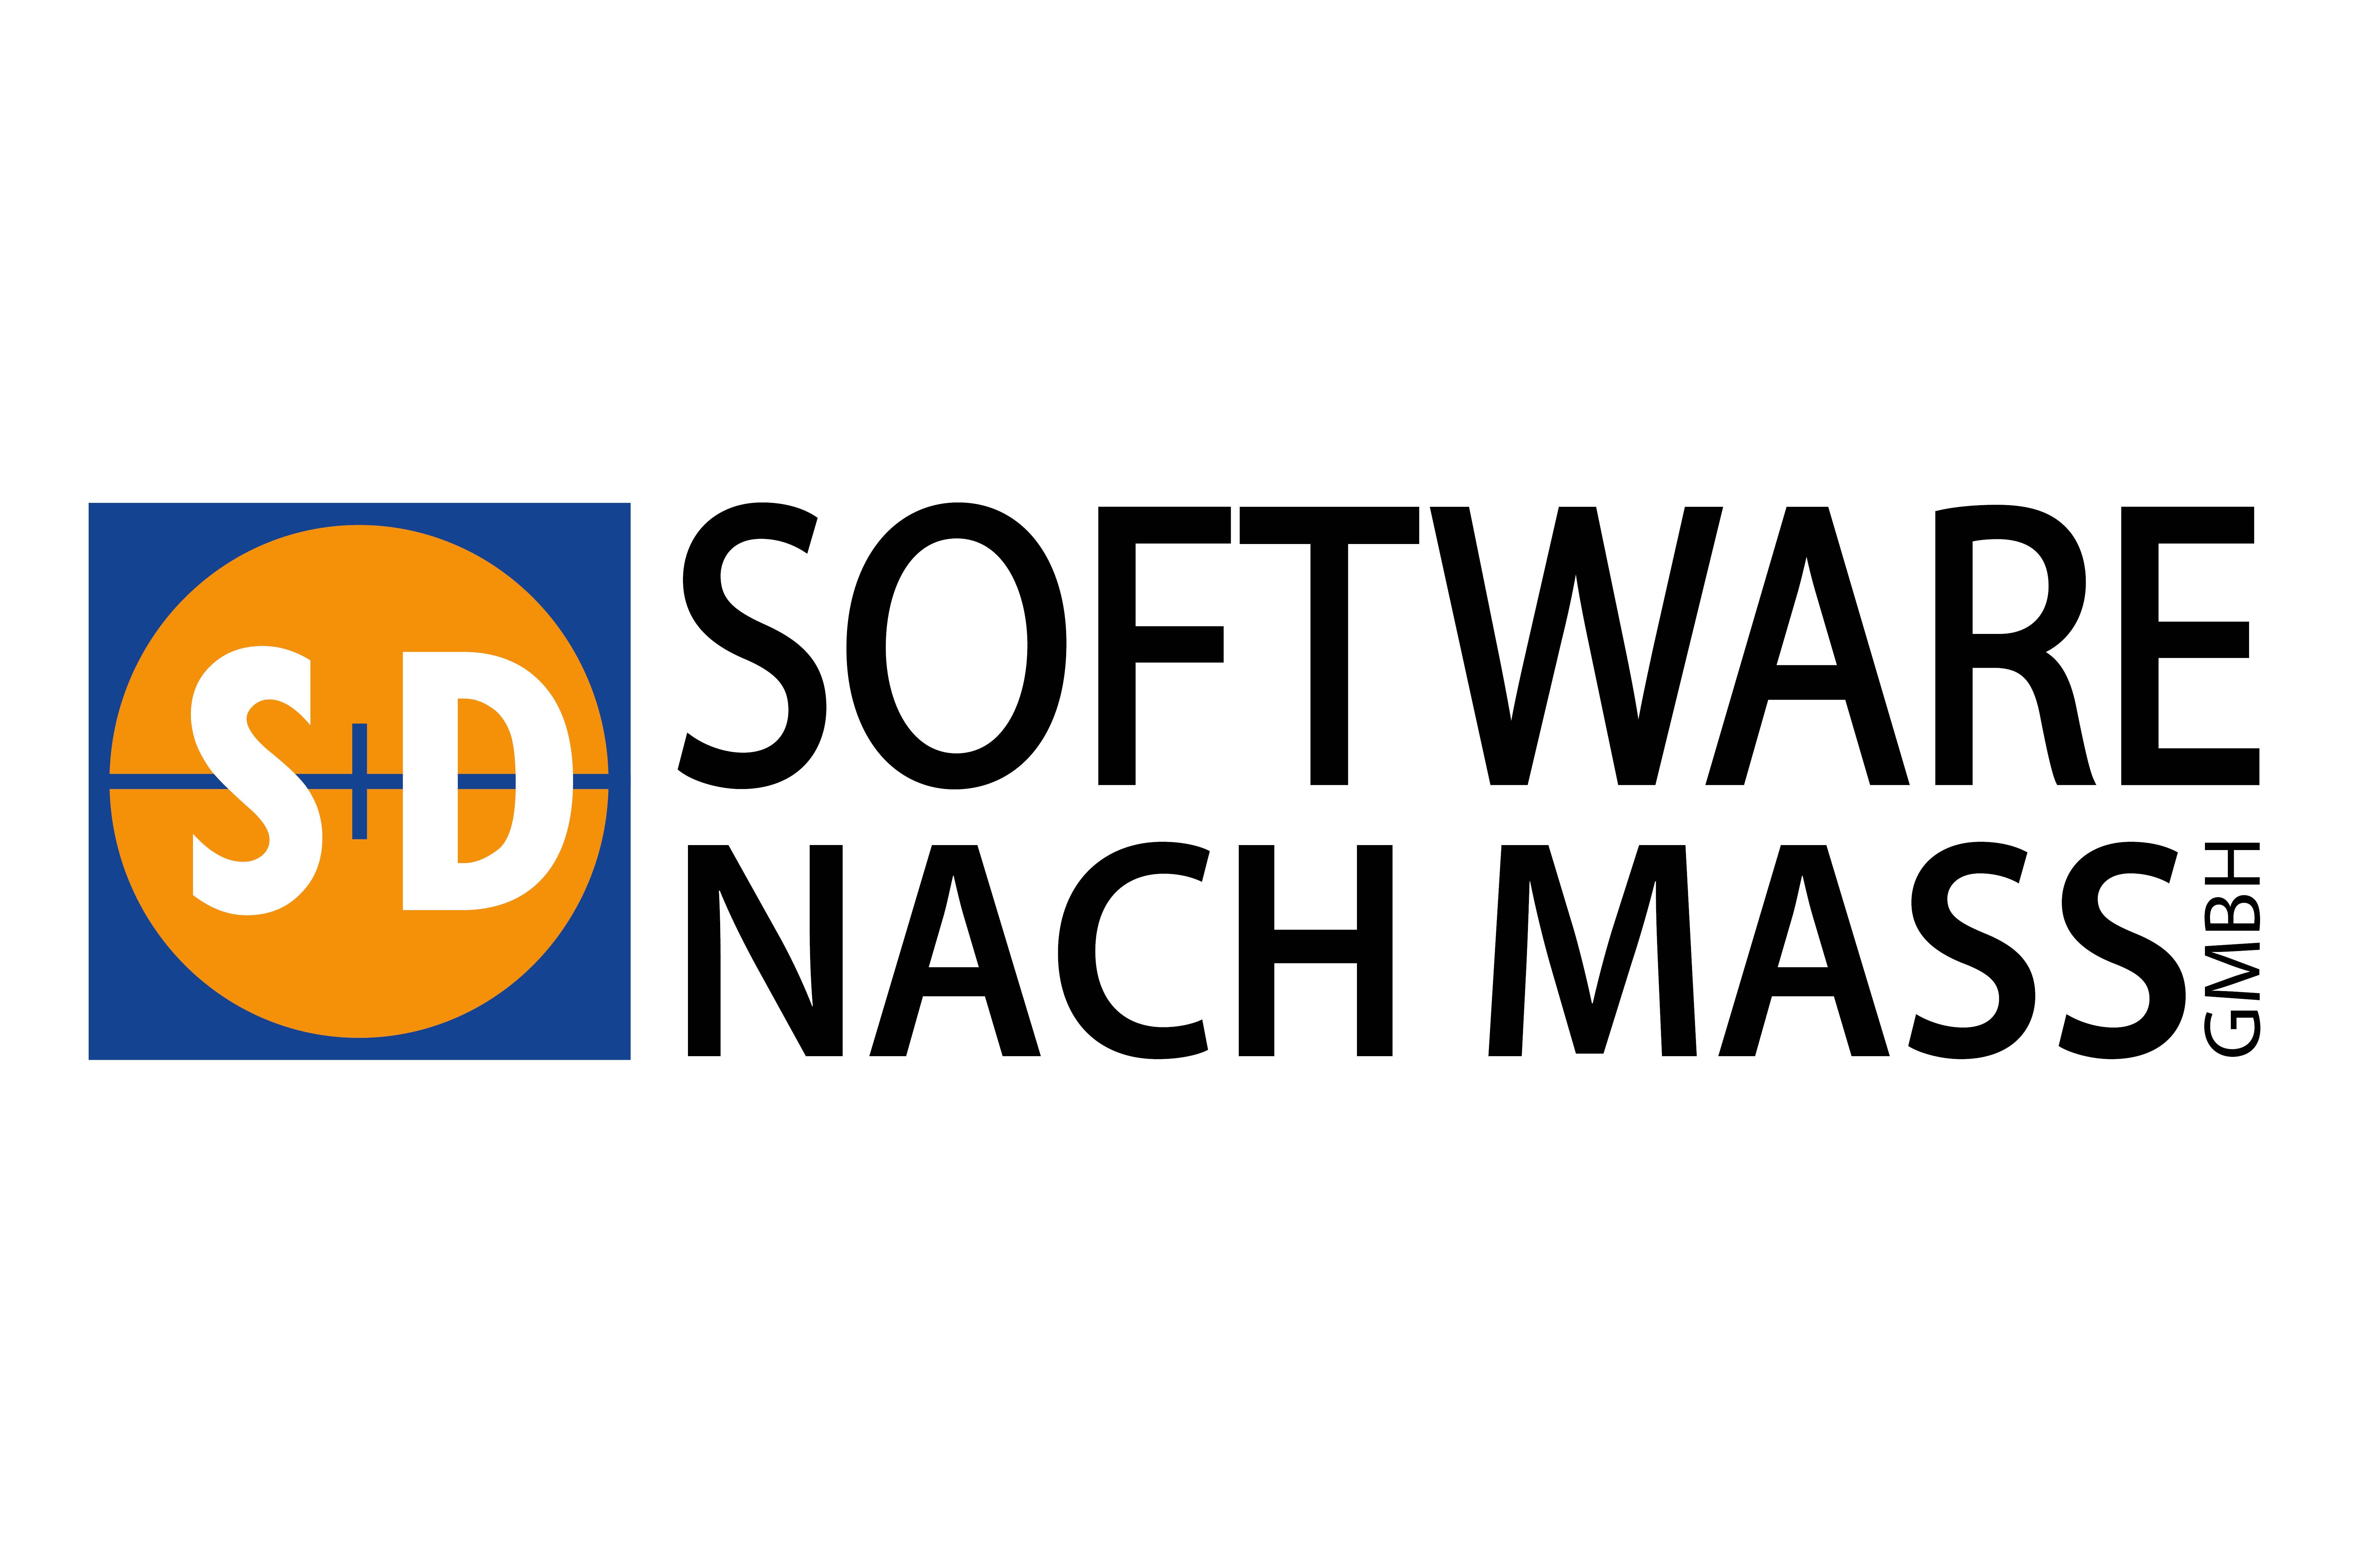 S&D Software nach Maß GmbH